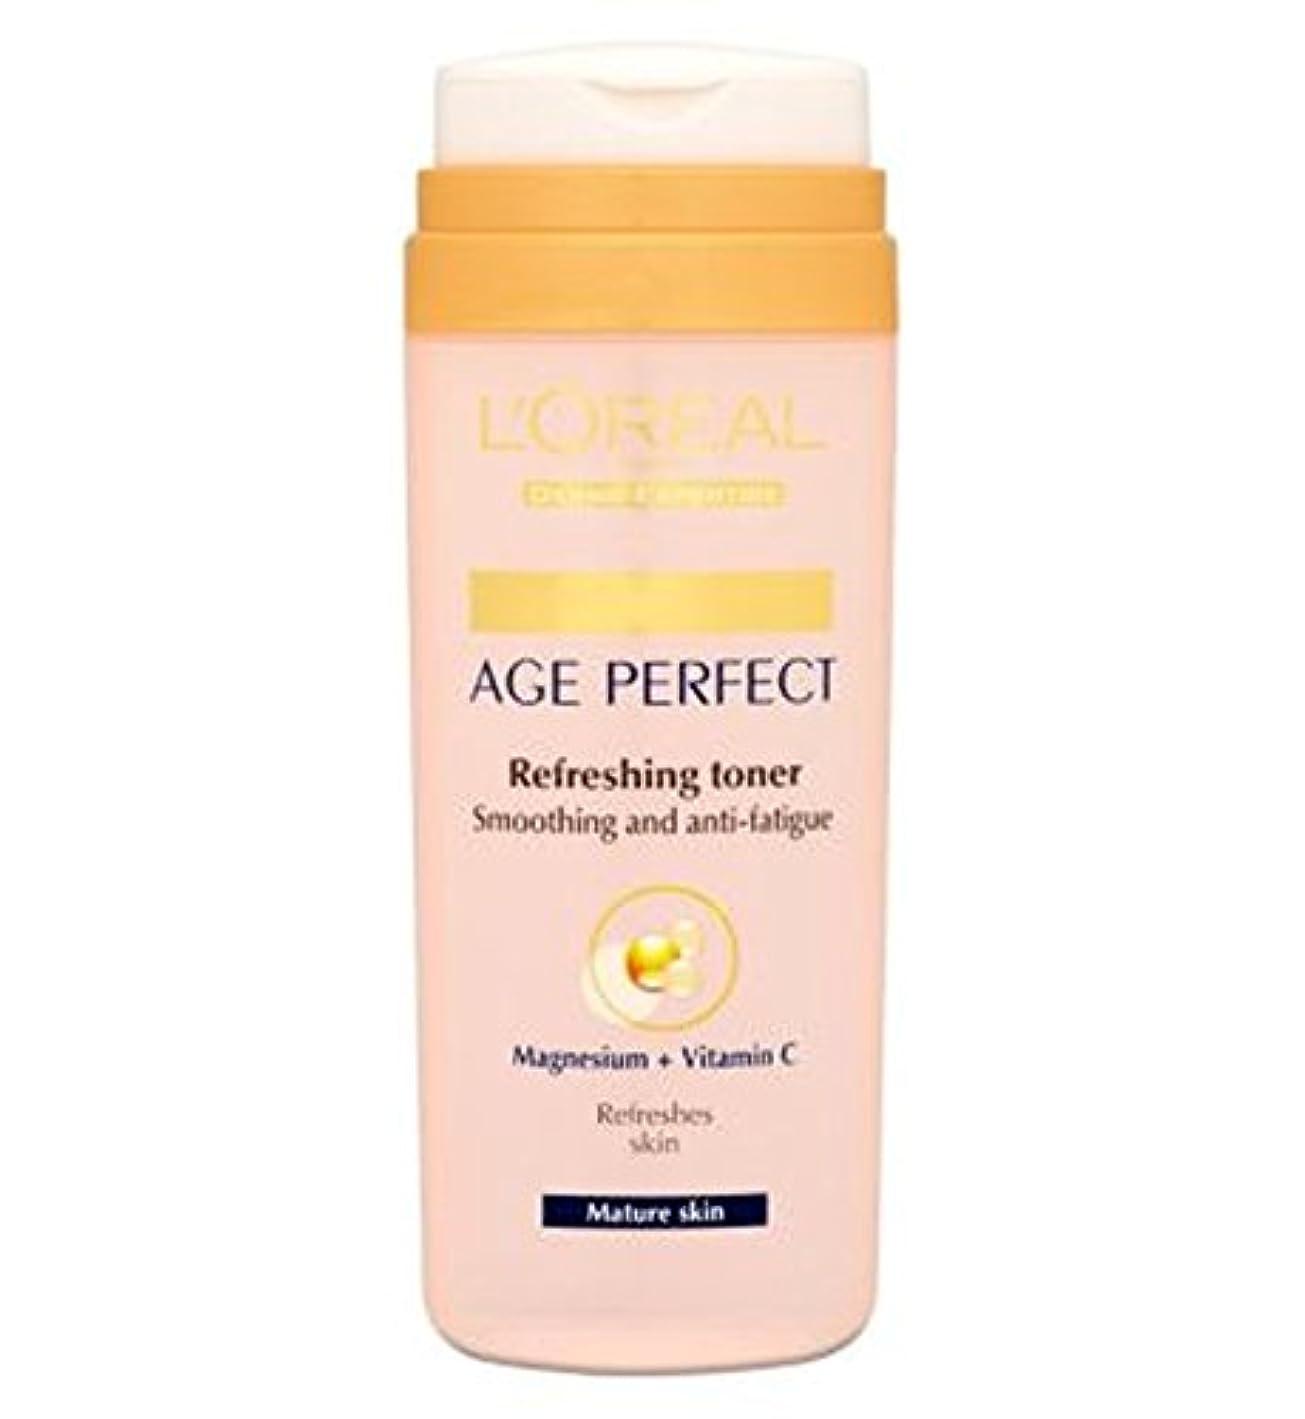 現れる近々リードL'Oreall Paris Dermo-Expertise Age Perfect Refreshing Toner Mature Skin 200ml - L'Oreallパリ真皮専門知識の年齢、完璧なさわやかなトナー...